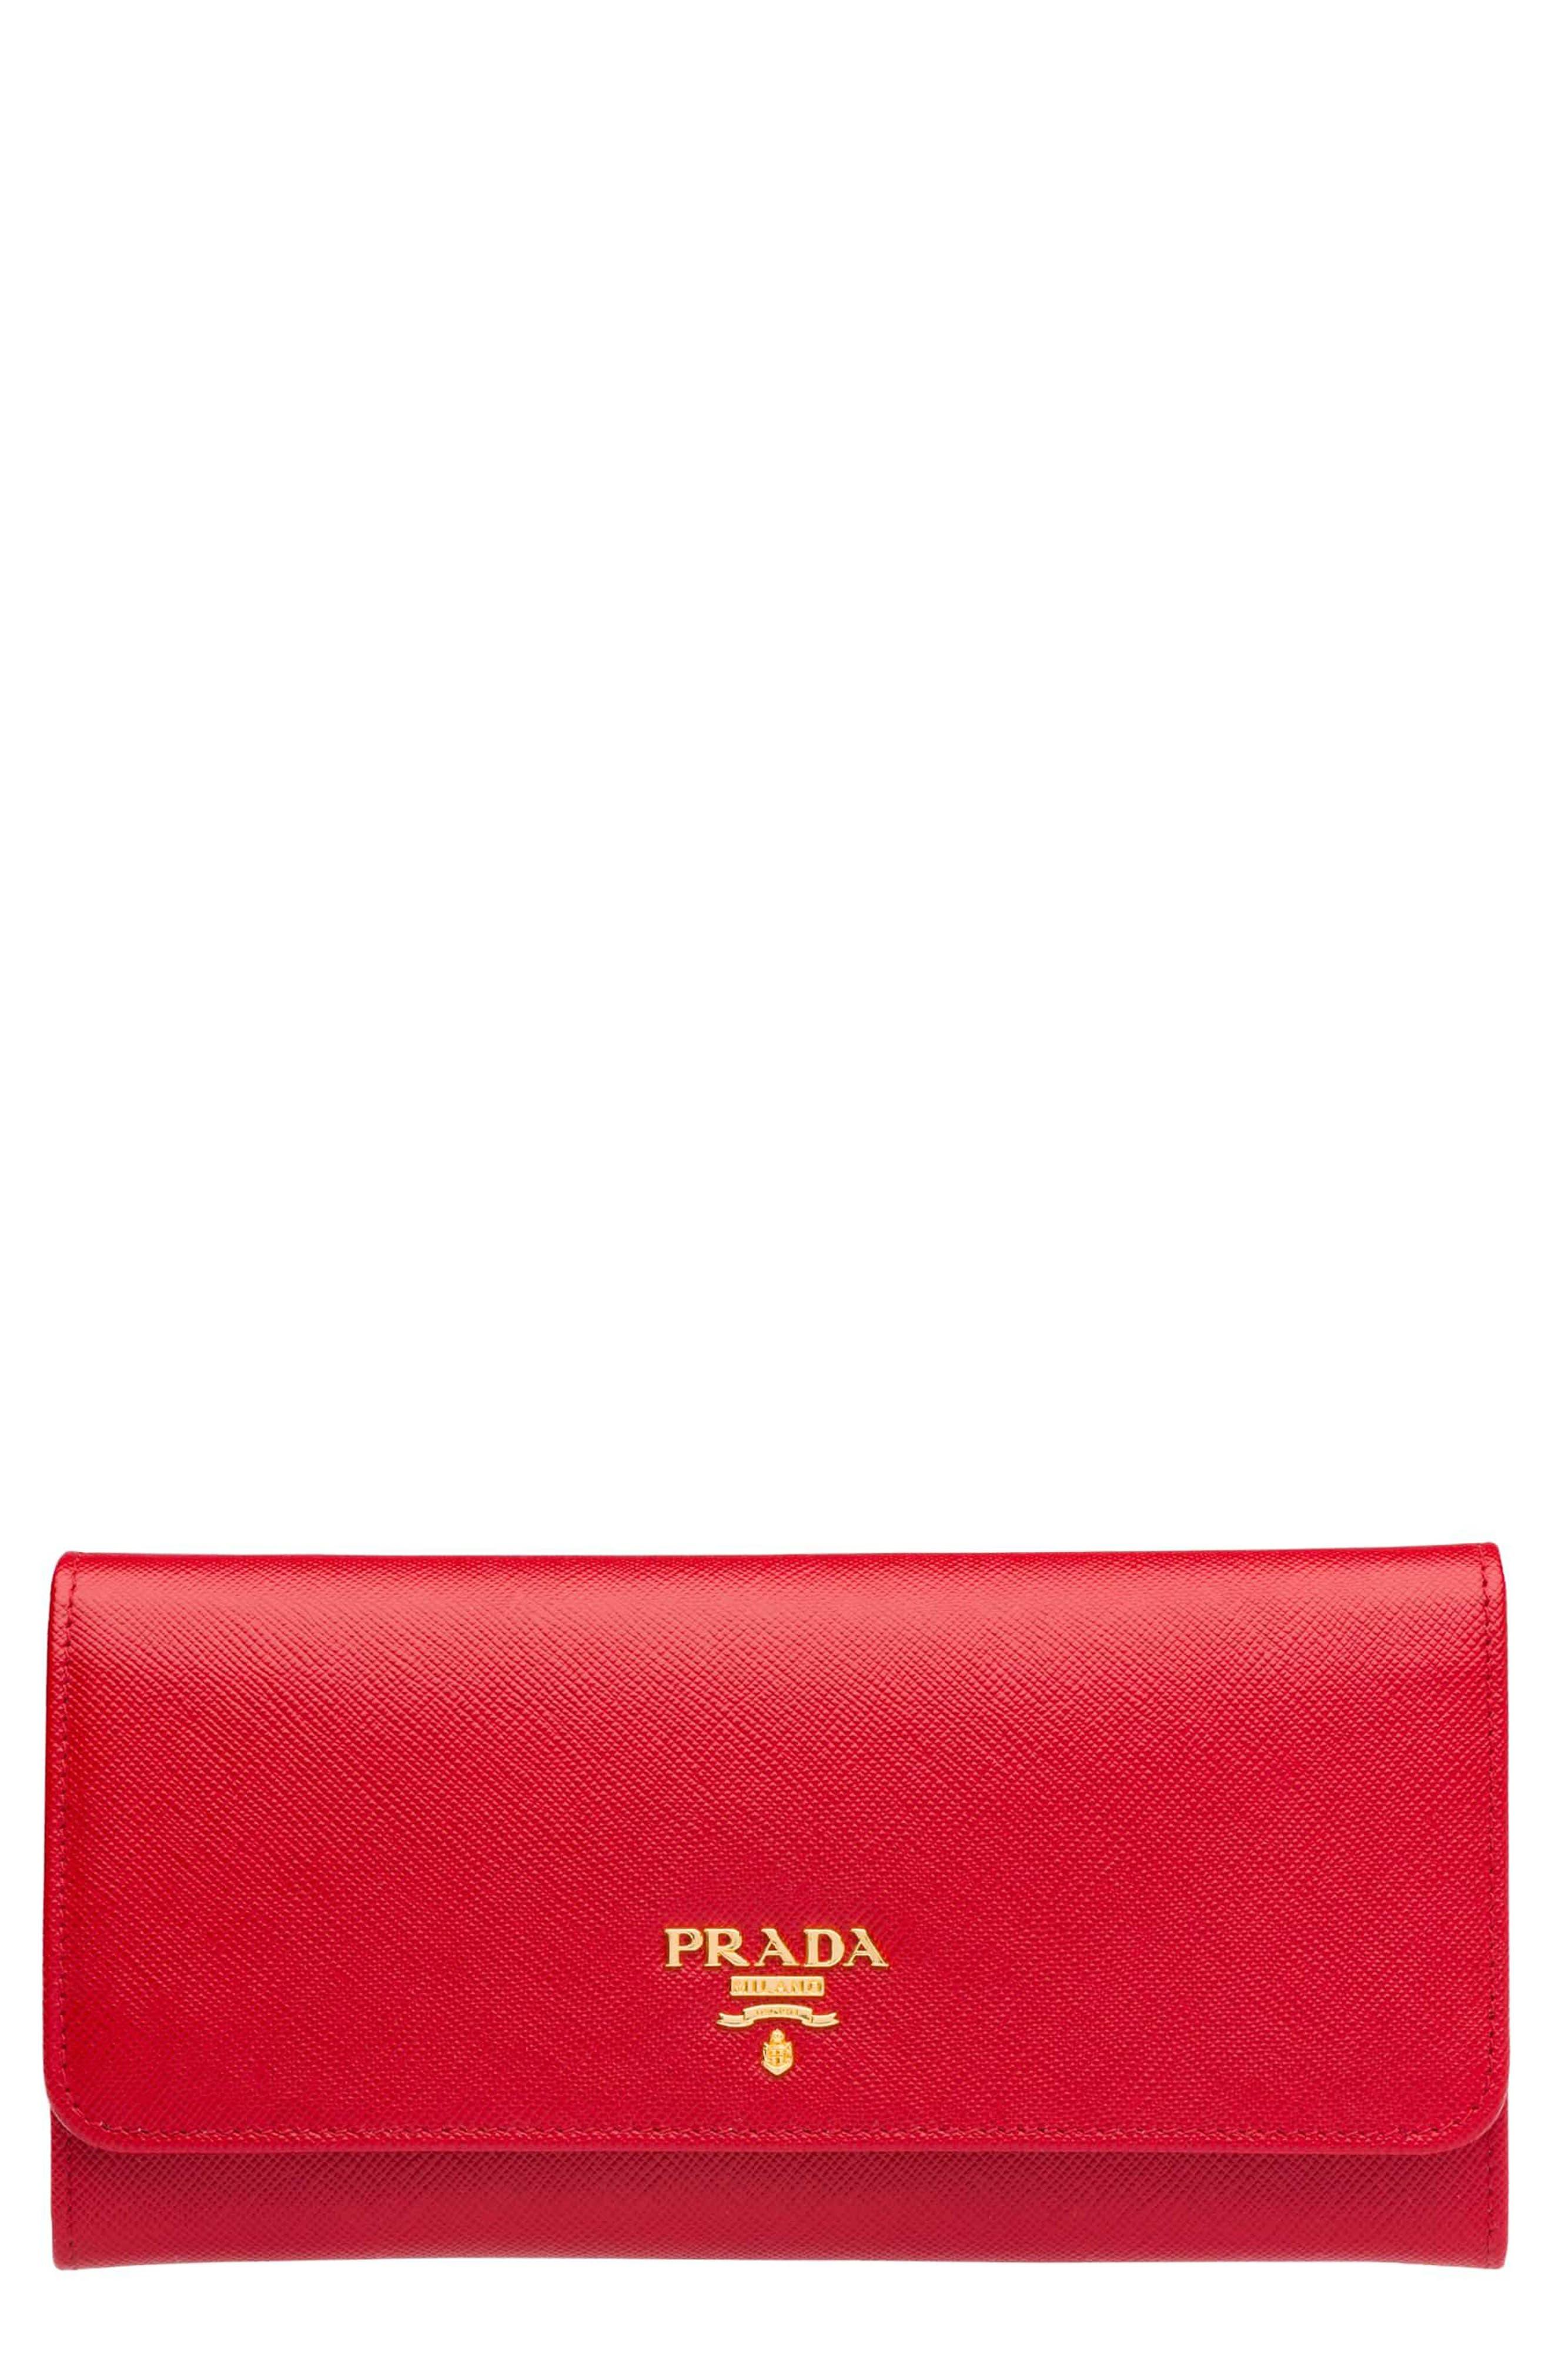 Prada Oro Saffiano Leather Continental Wallet